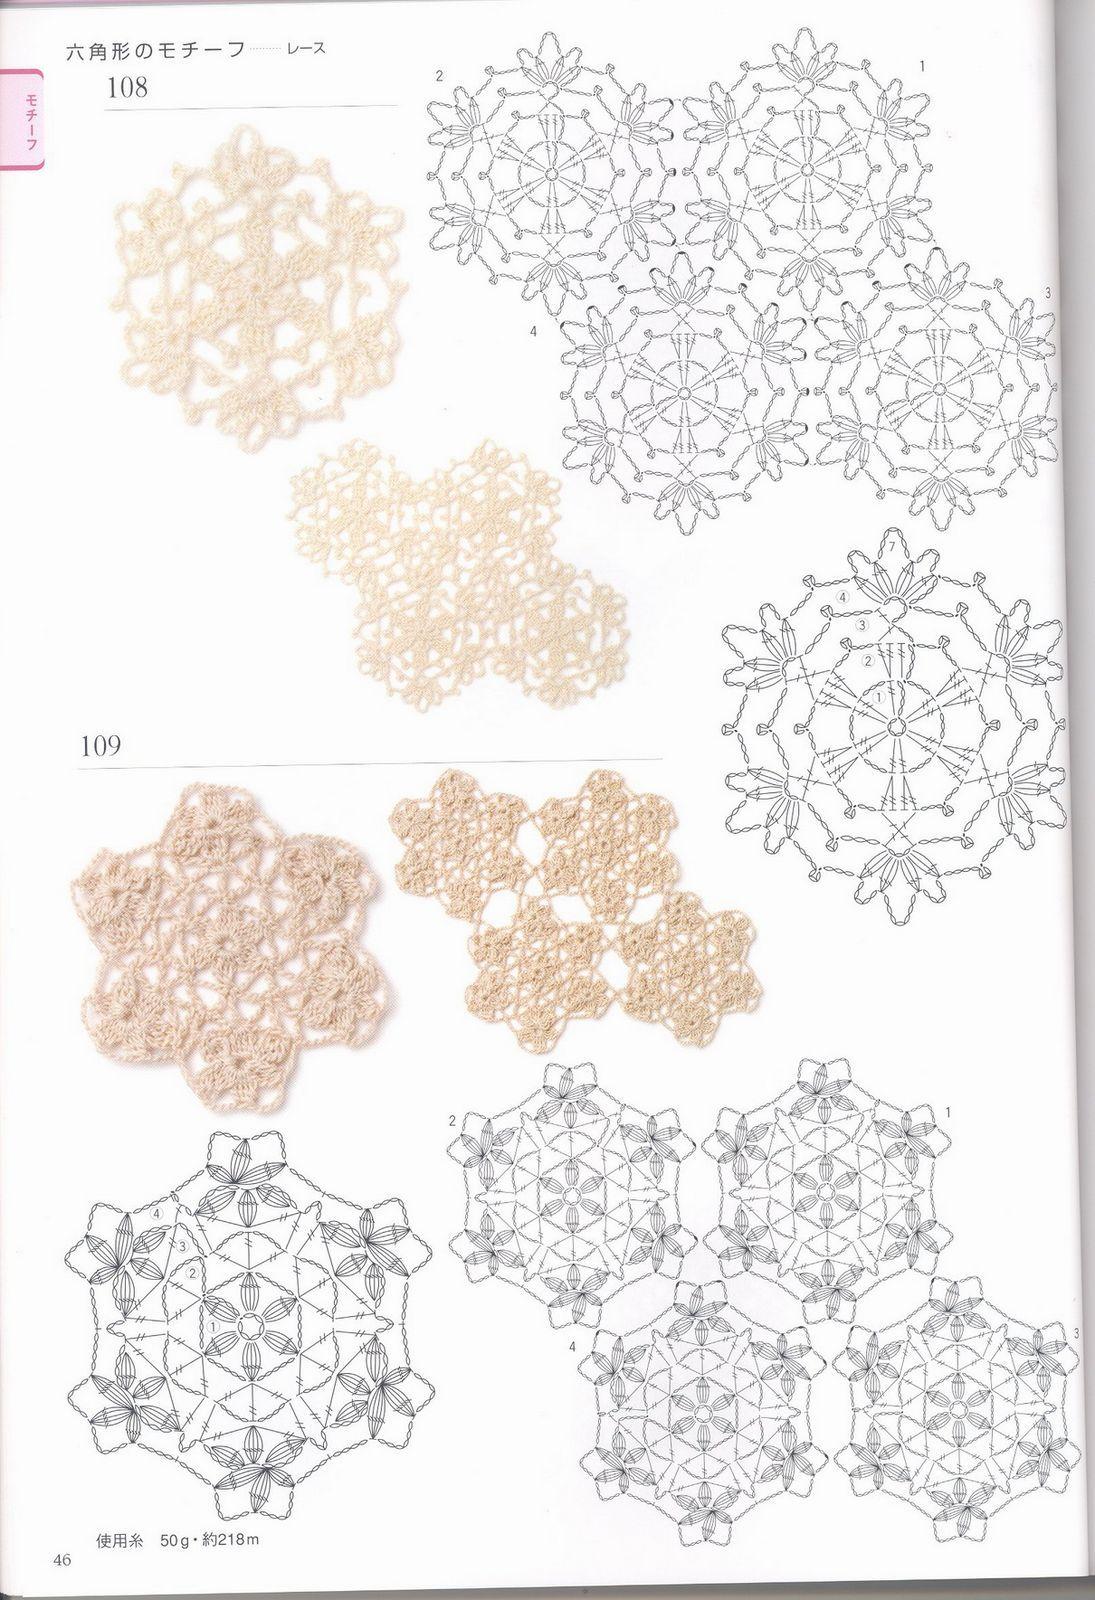 Πλέκω Βιβλίο μοτίβα καταλήξεις.  300 μοτίβα βελονάκι και καρφιά